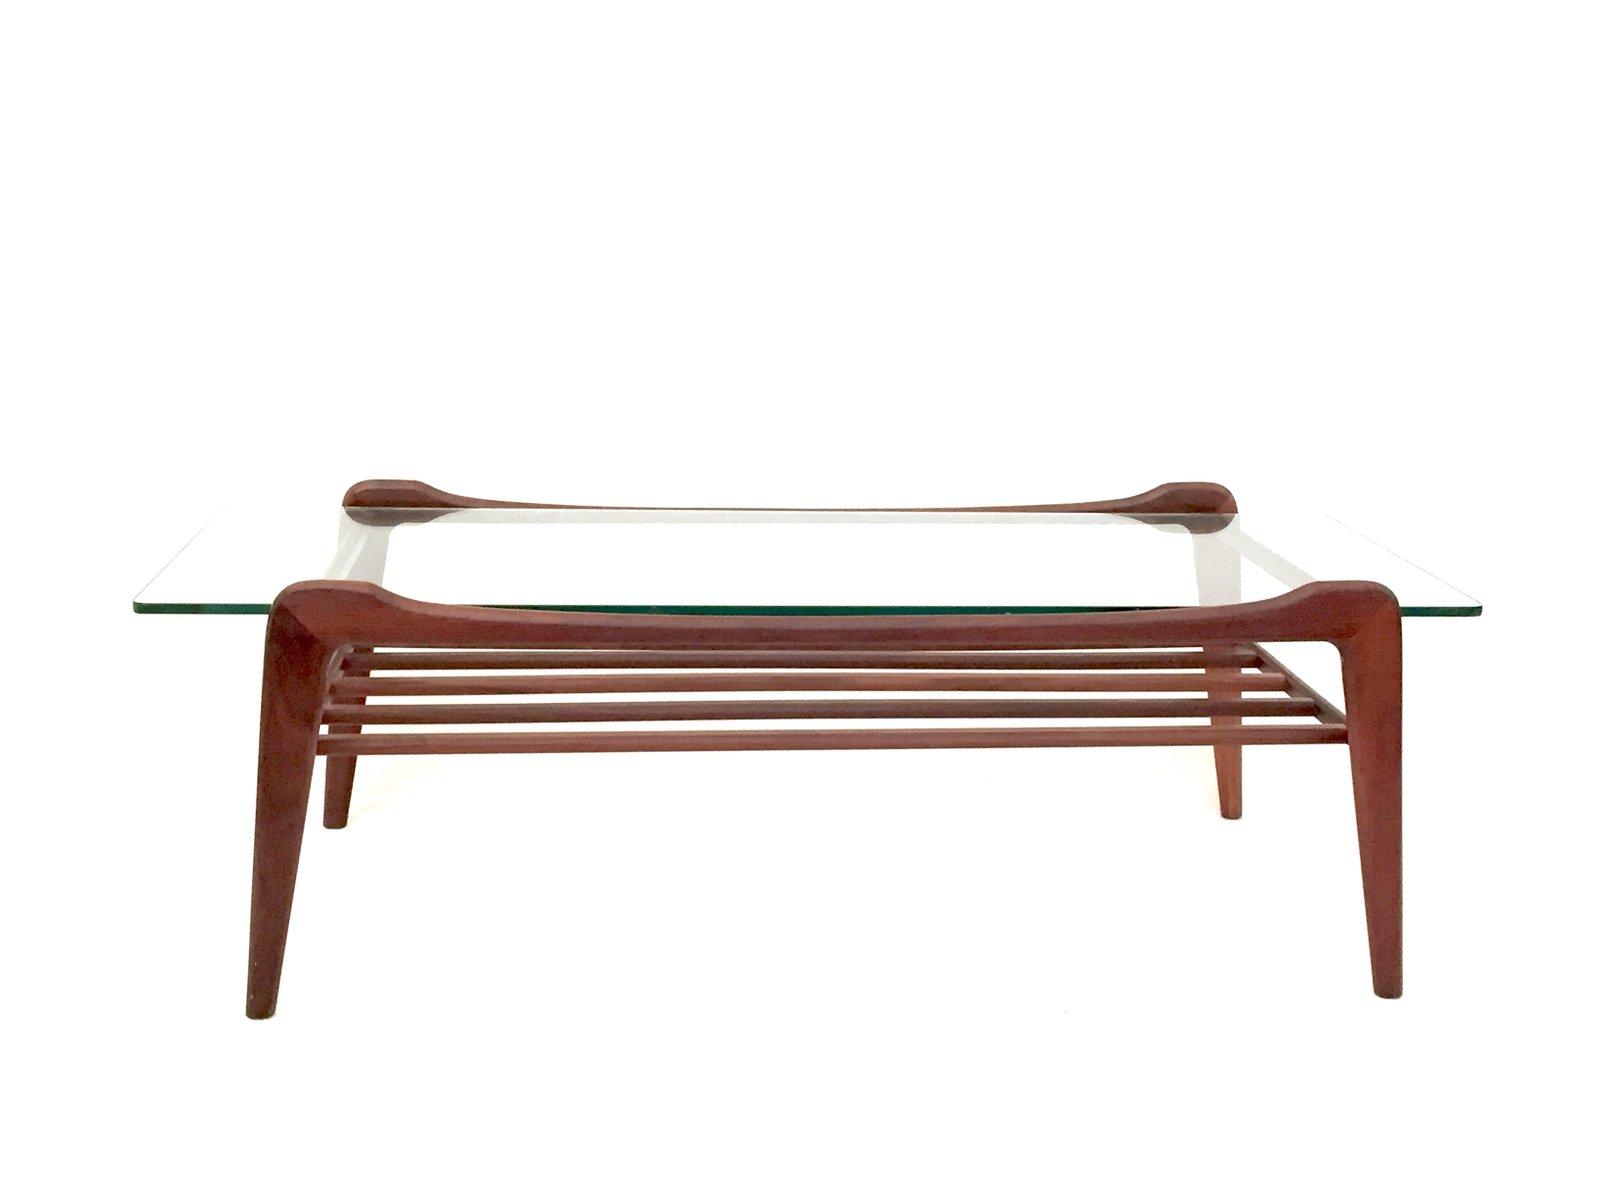 table-basse-vintage-en-teck-et-en-verre-de-g-plan-1970s-1 Incroyable De Table Basse Palissandre Schème